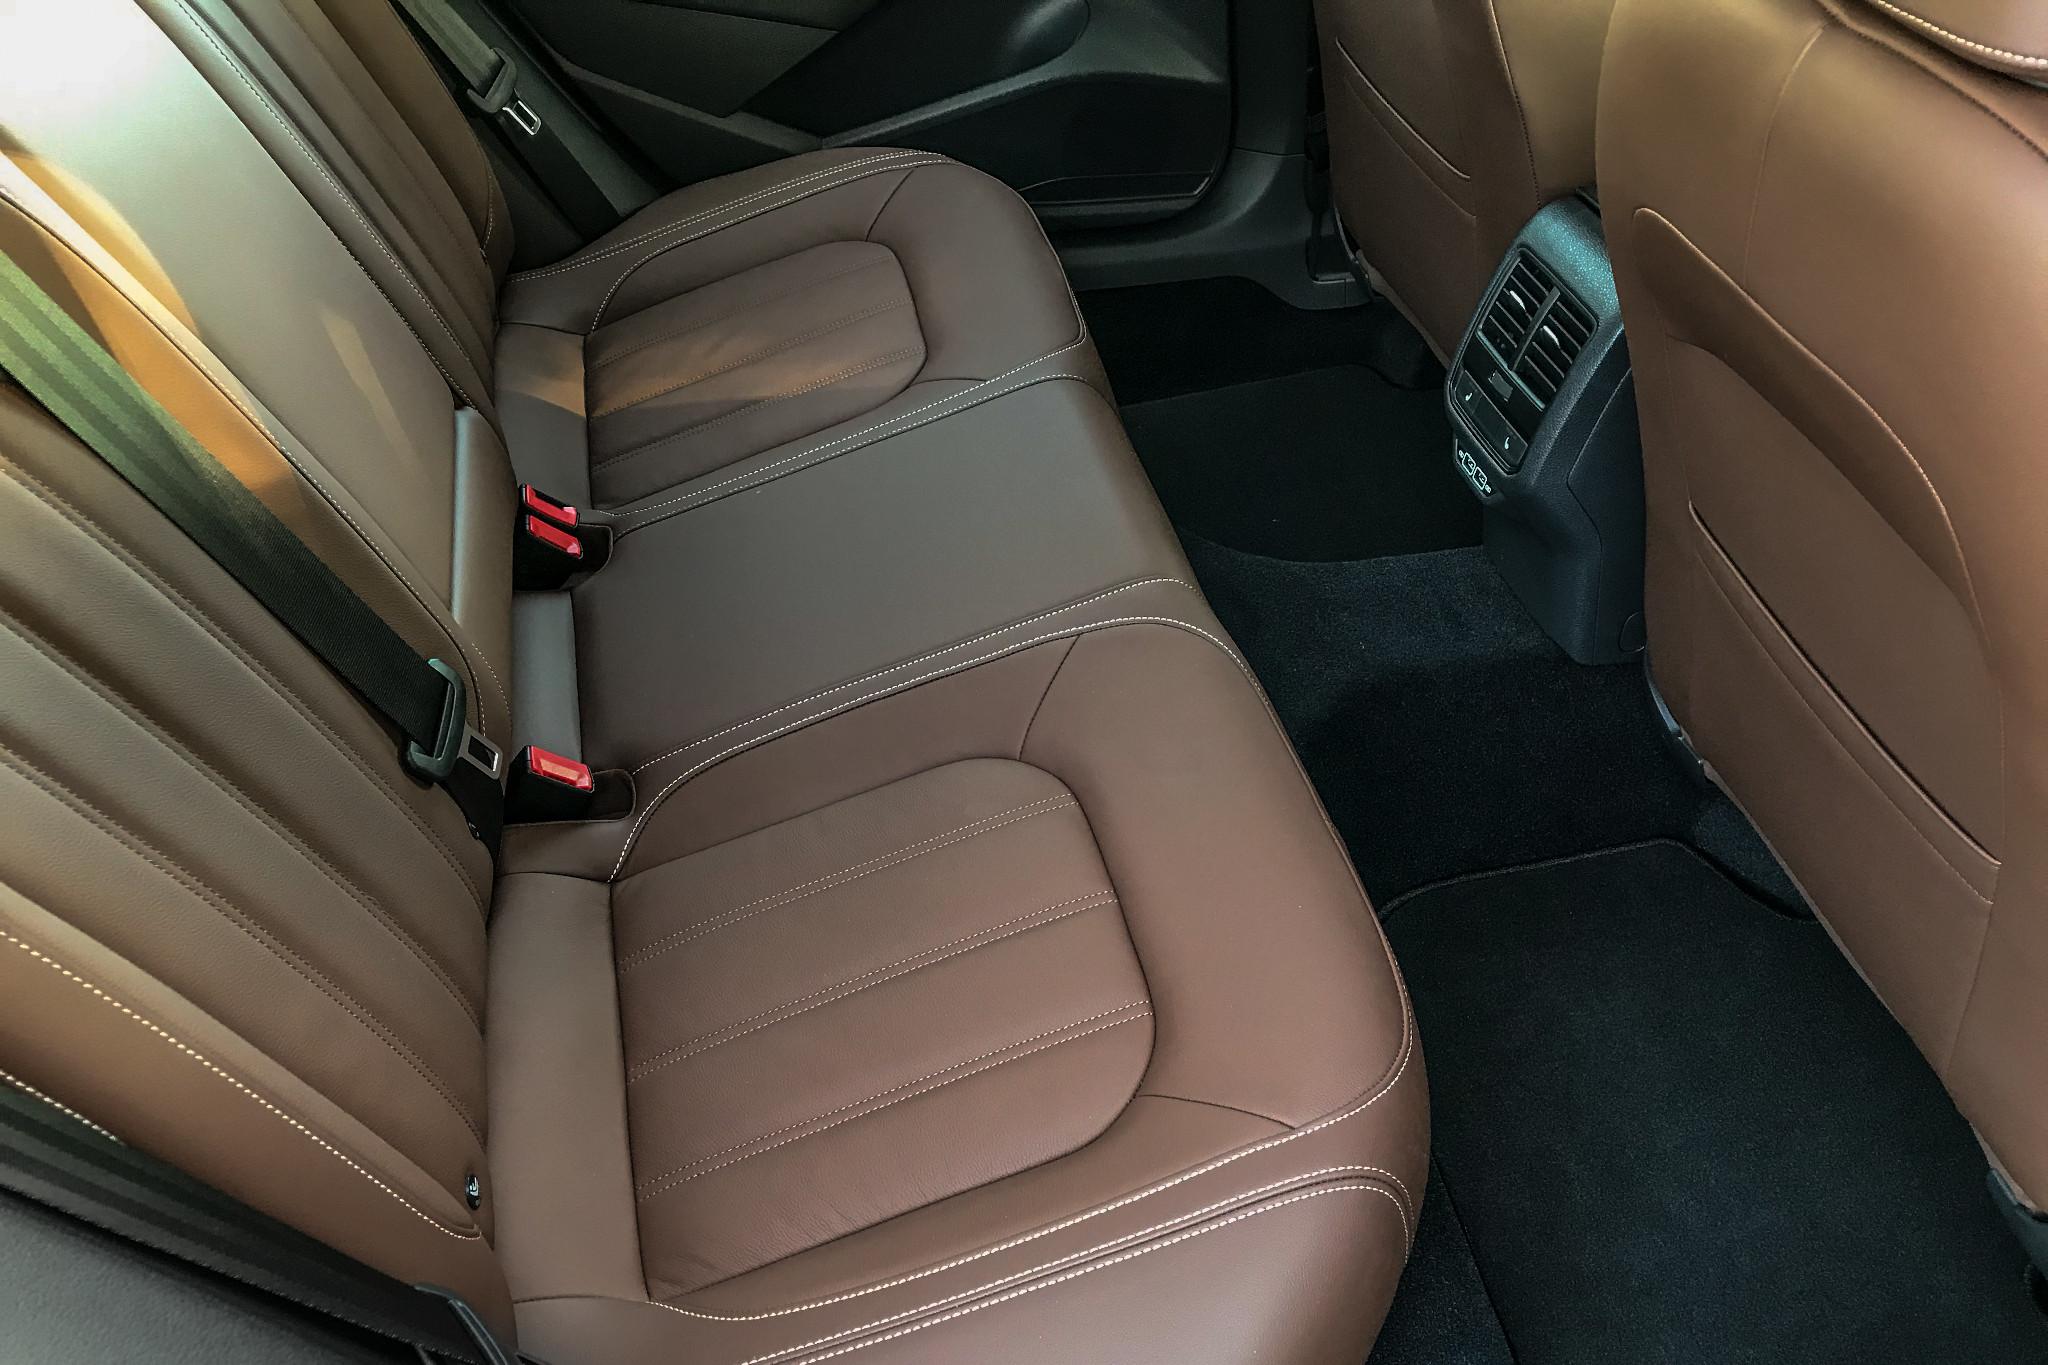 volkswagen-passat-2020-17-interior--second-row.jpg